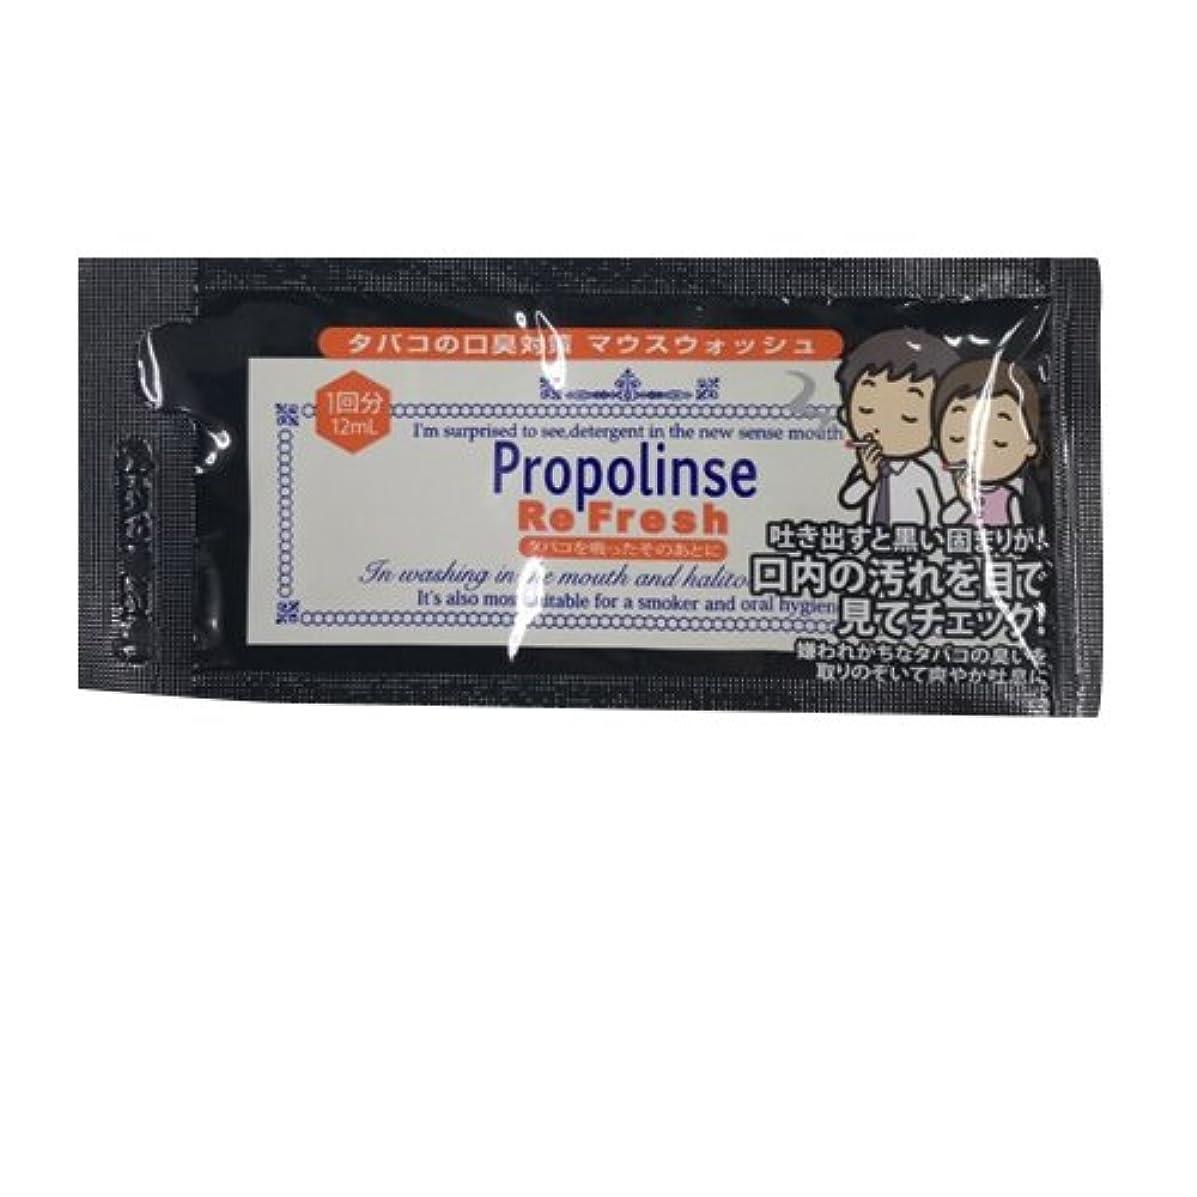 容器蛇行あたたかいプロポリンス ハンディパウチ12ml ×50個 リフレッシュ